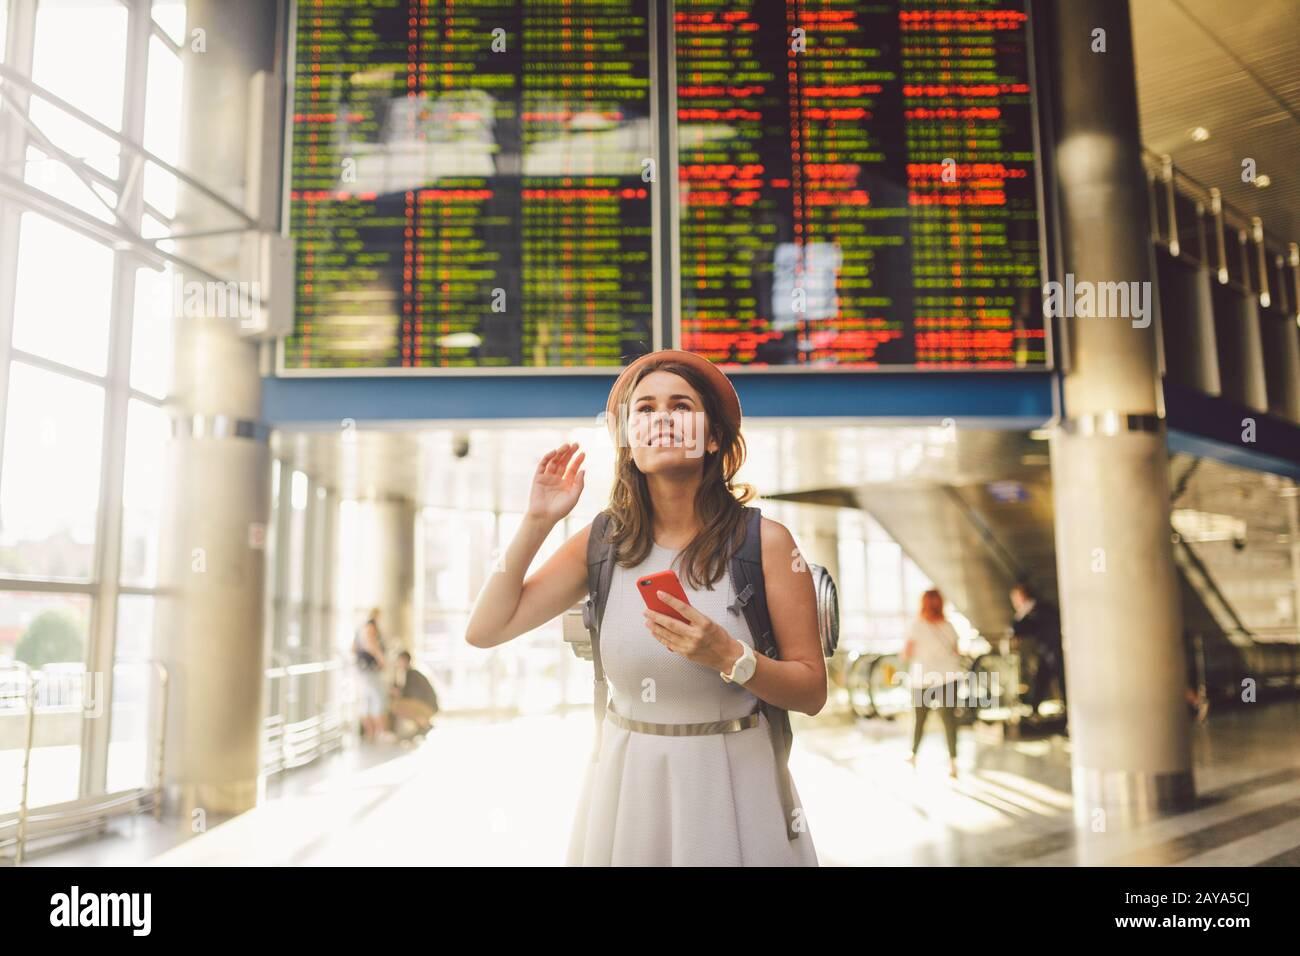 Themenreise und Tranosport. Schöne junge kaukasische Frau im Kleid und Rucksack, die im Bahnhof oder Terminal Loo steht Stockfoto